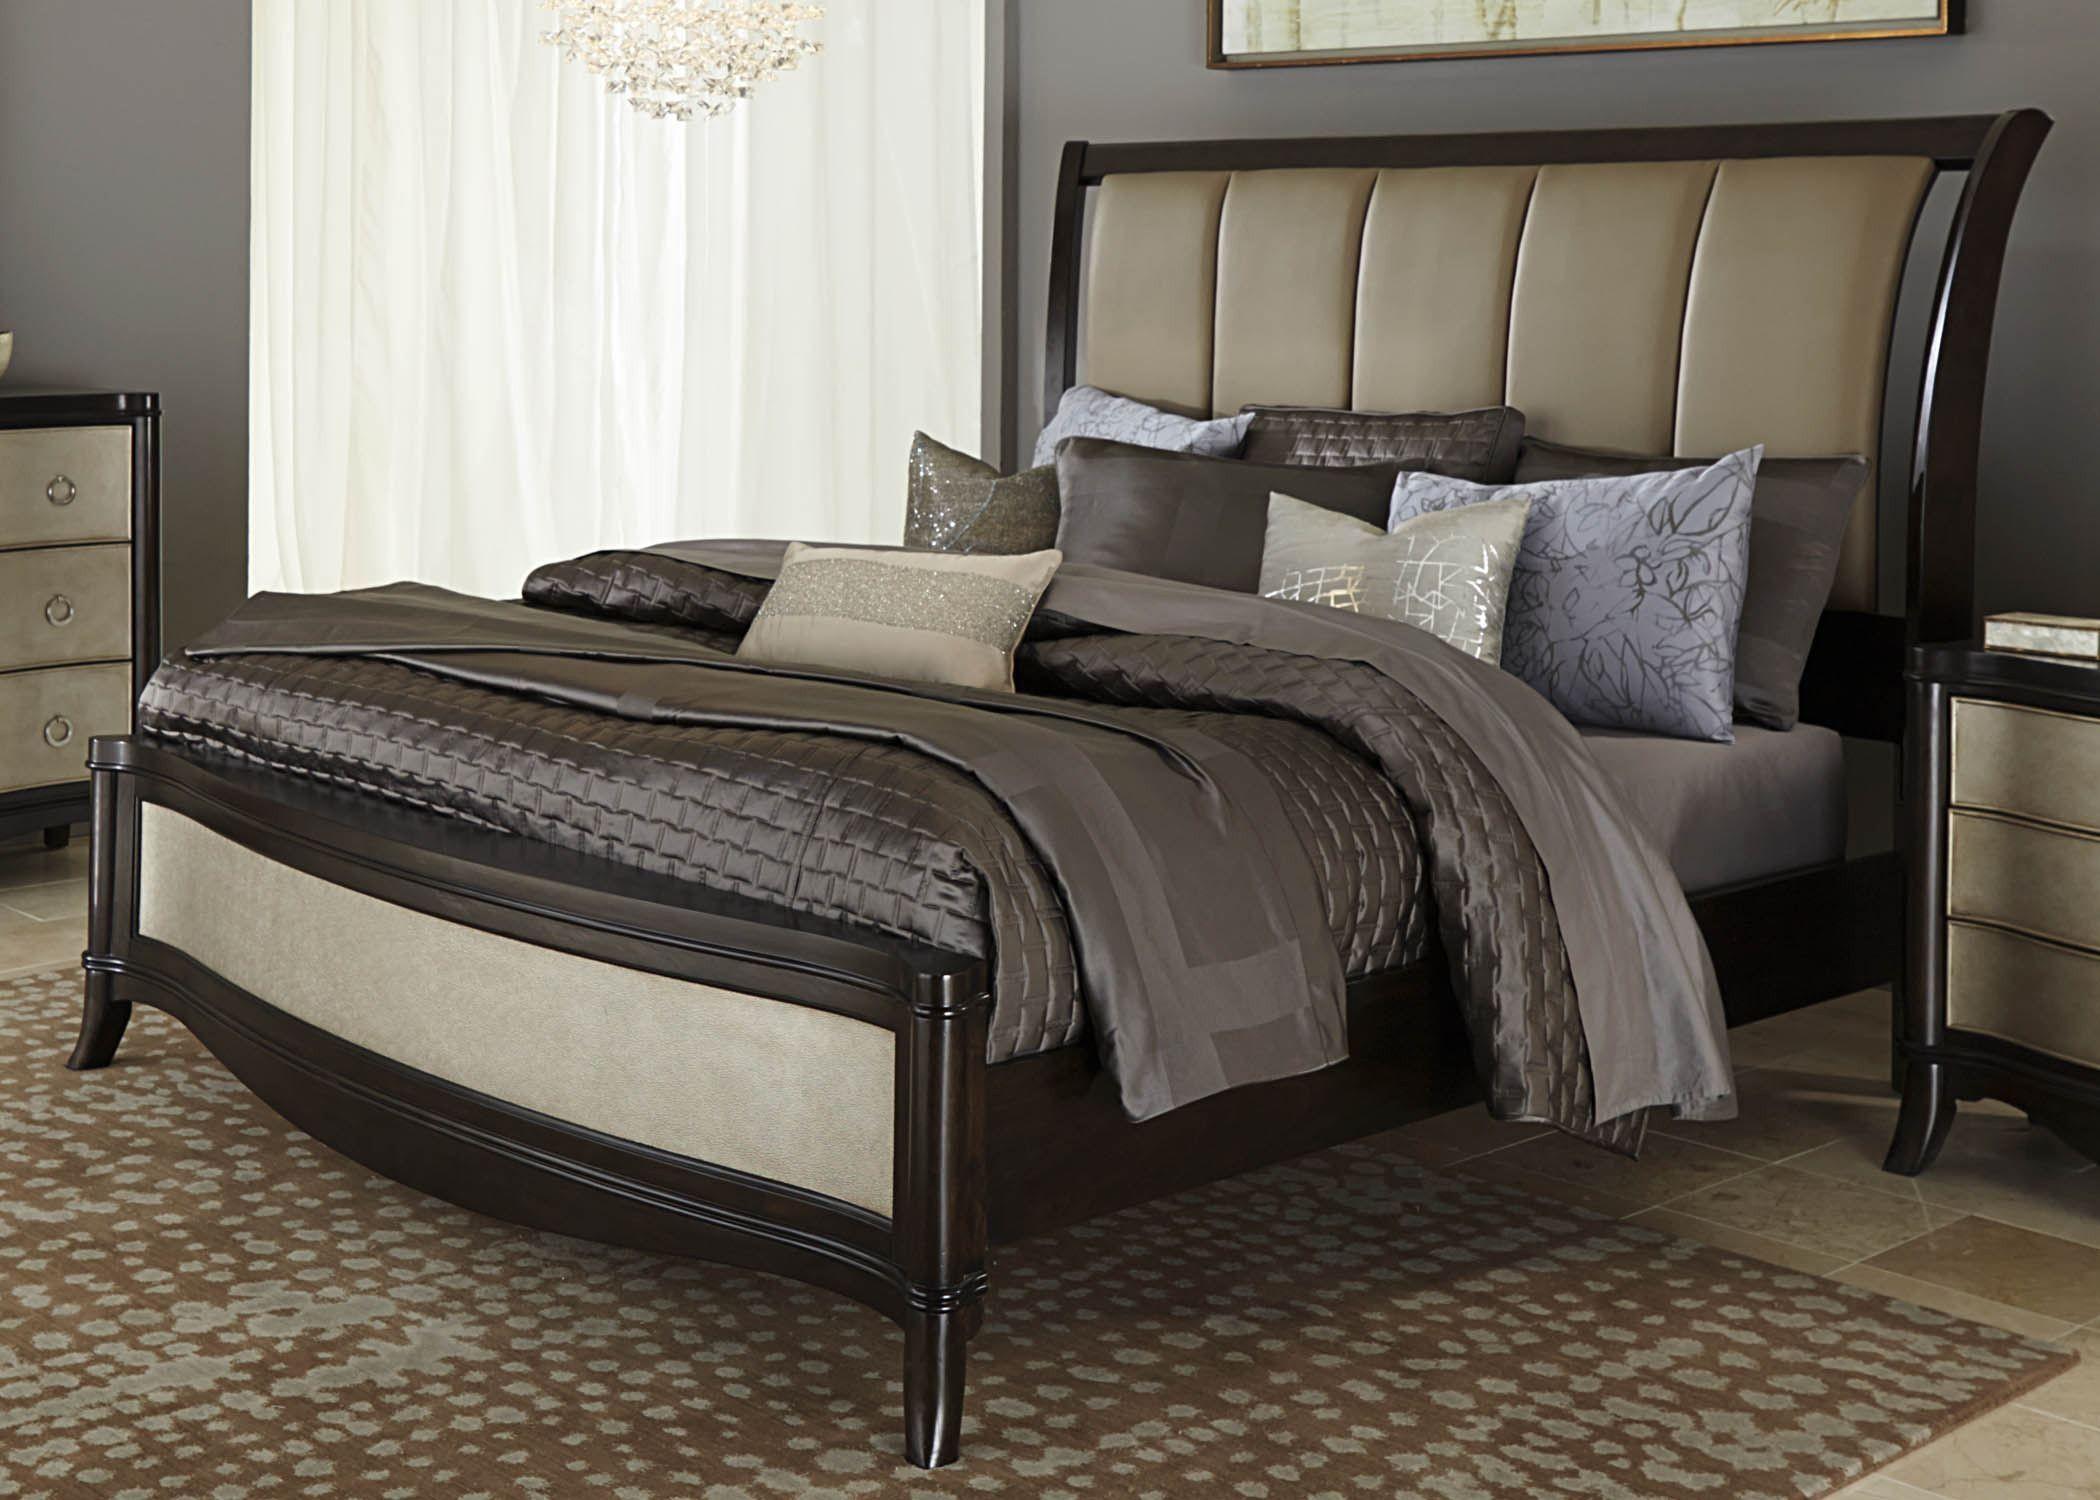 Sunset Boulevard Queen Sleigh Bed Liberty furniture